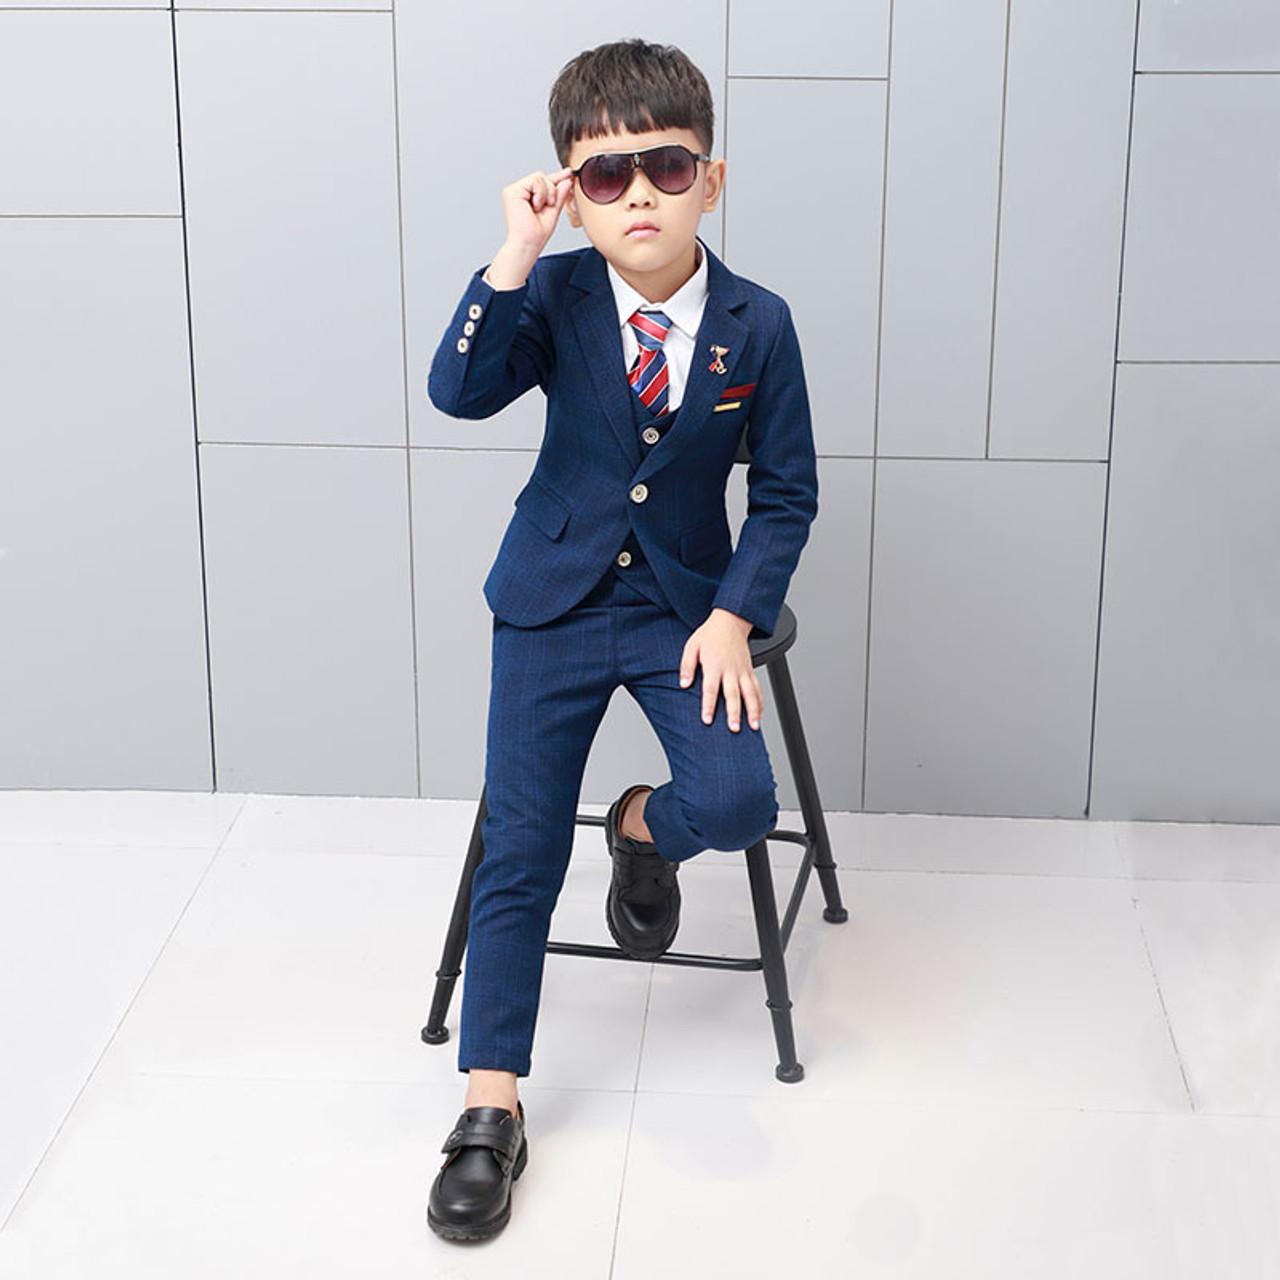 4777dad02 ... ActhInK New Boys Winter Suit 5Pcs Kids Wedding Blazer Suit Boys Shirts  Vest Stylish Clothing Set ...